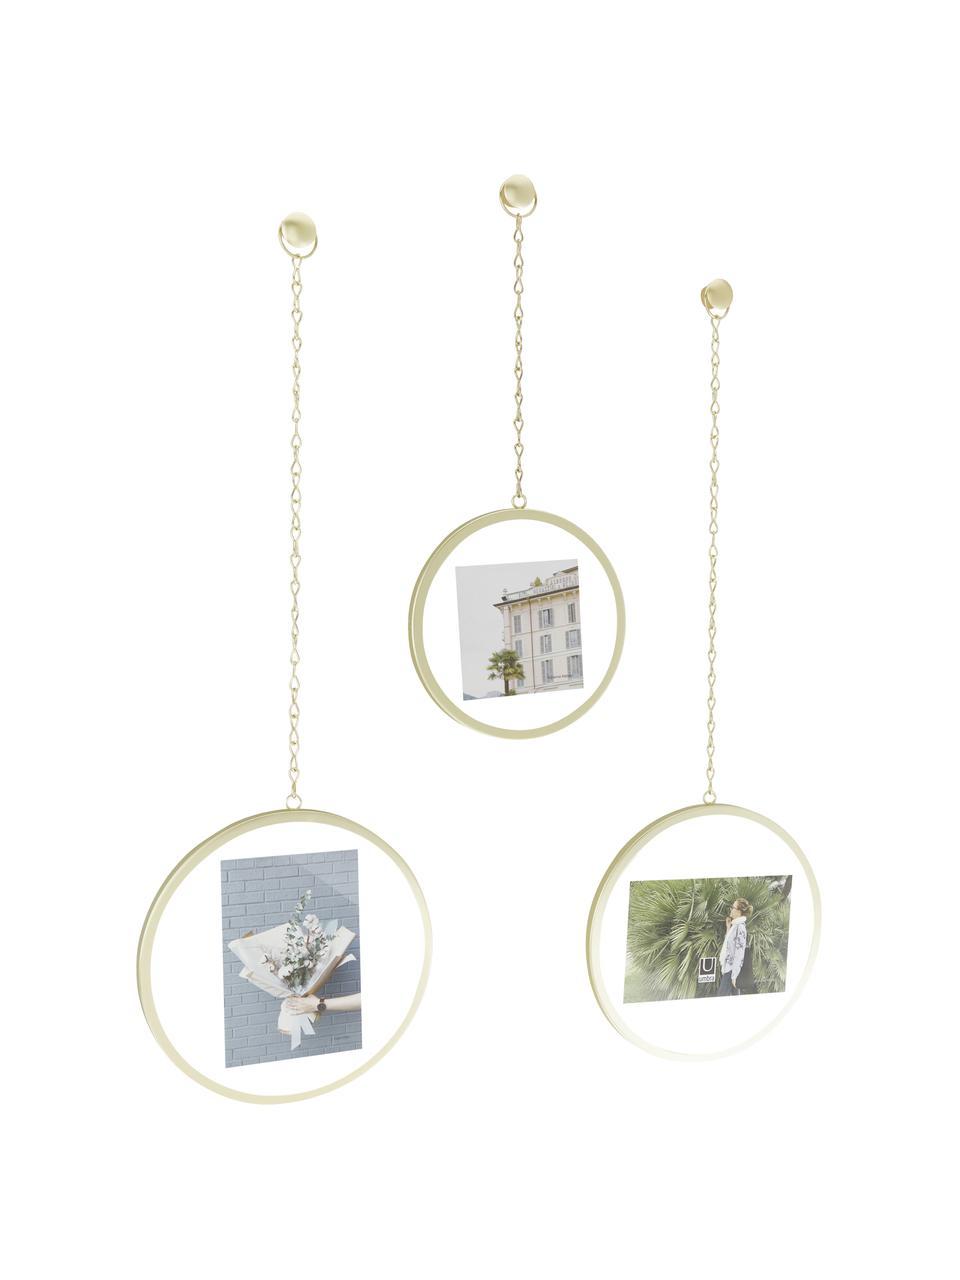 Komplet ramek na zdjęcia Dima, 3 elem., Metal powlekany, Odcienie złotego, Komplet z różnymi rozmiarami